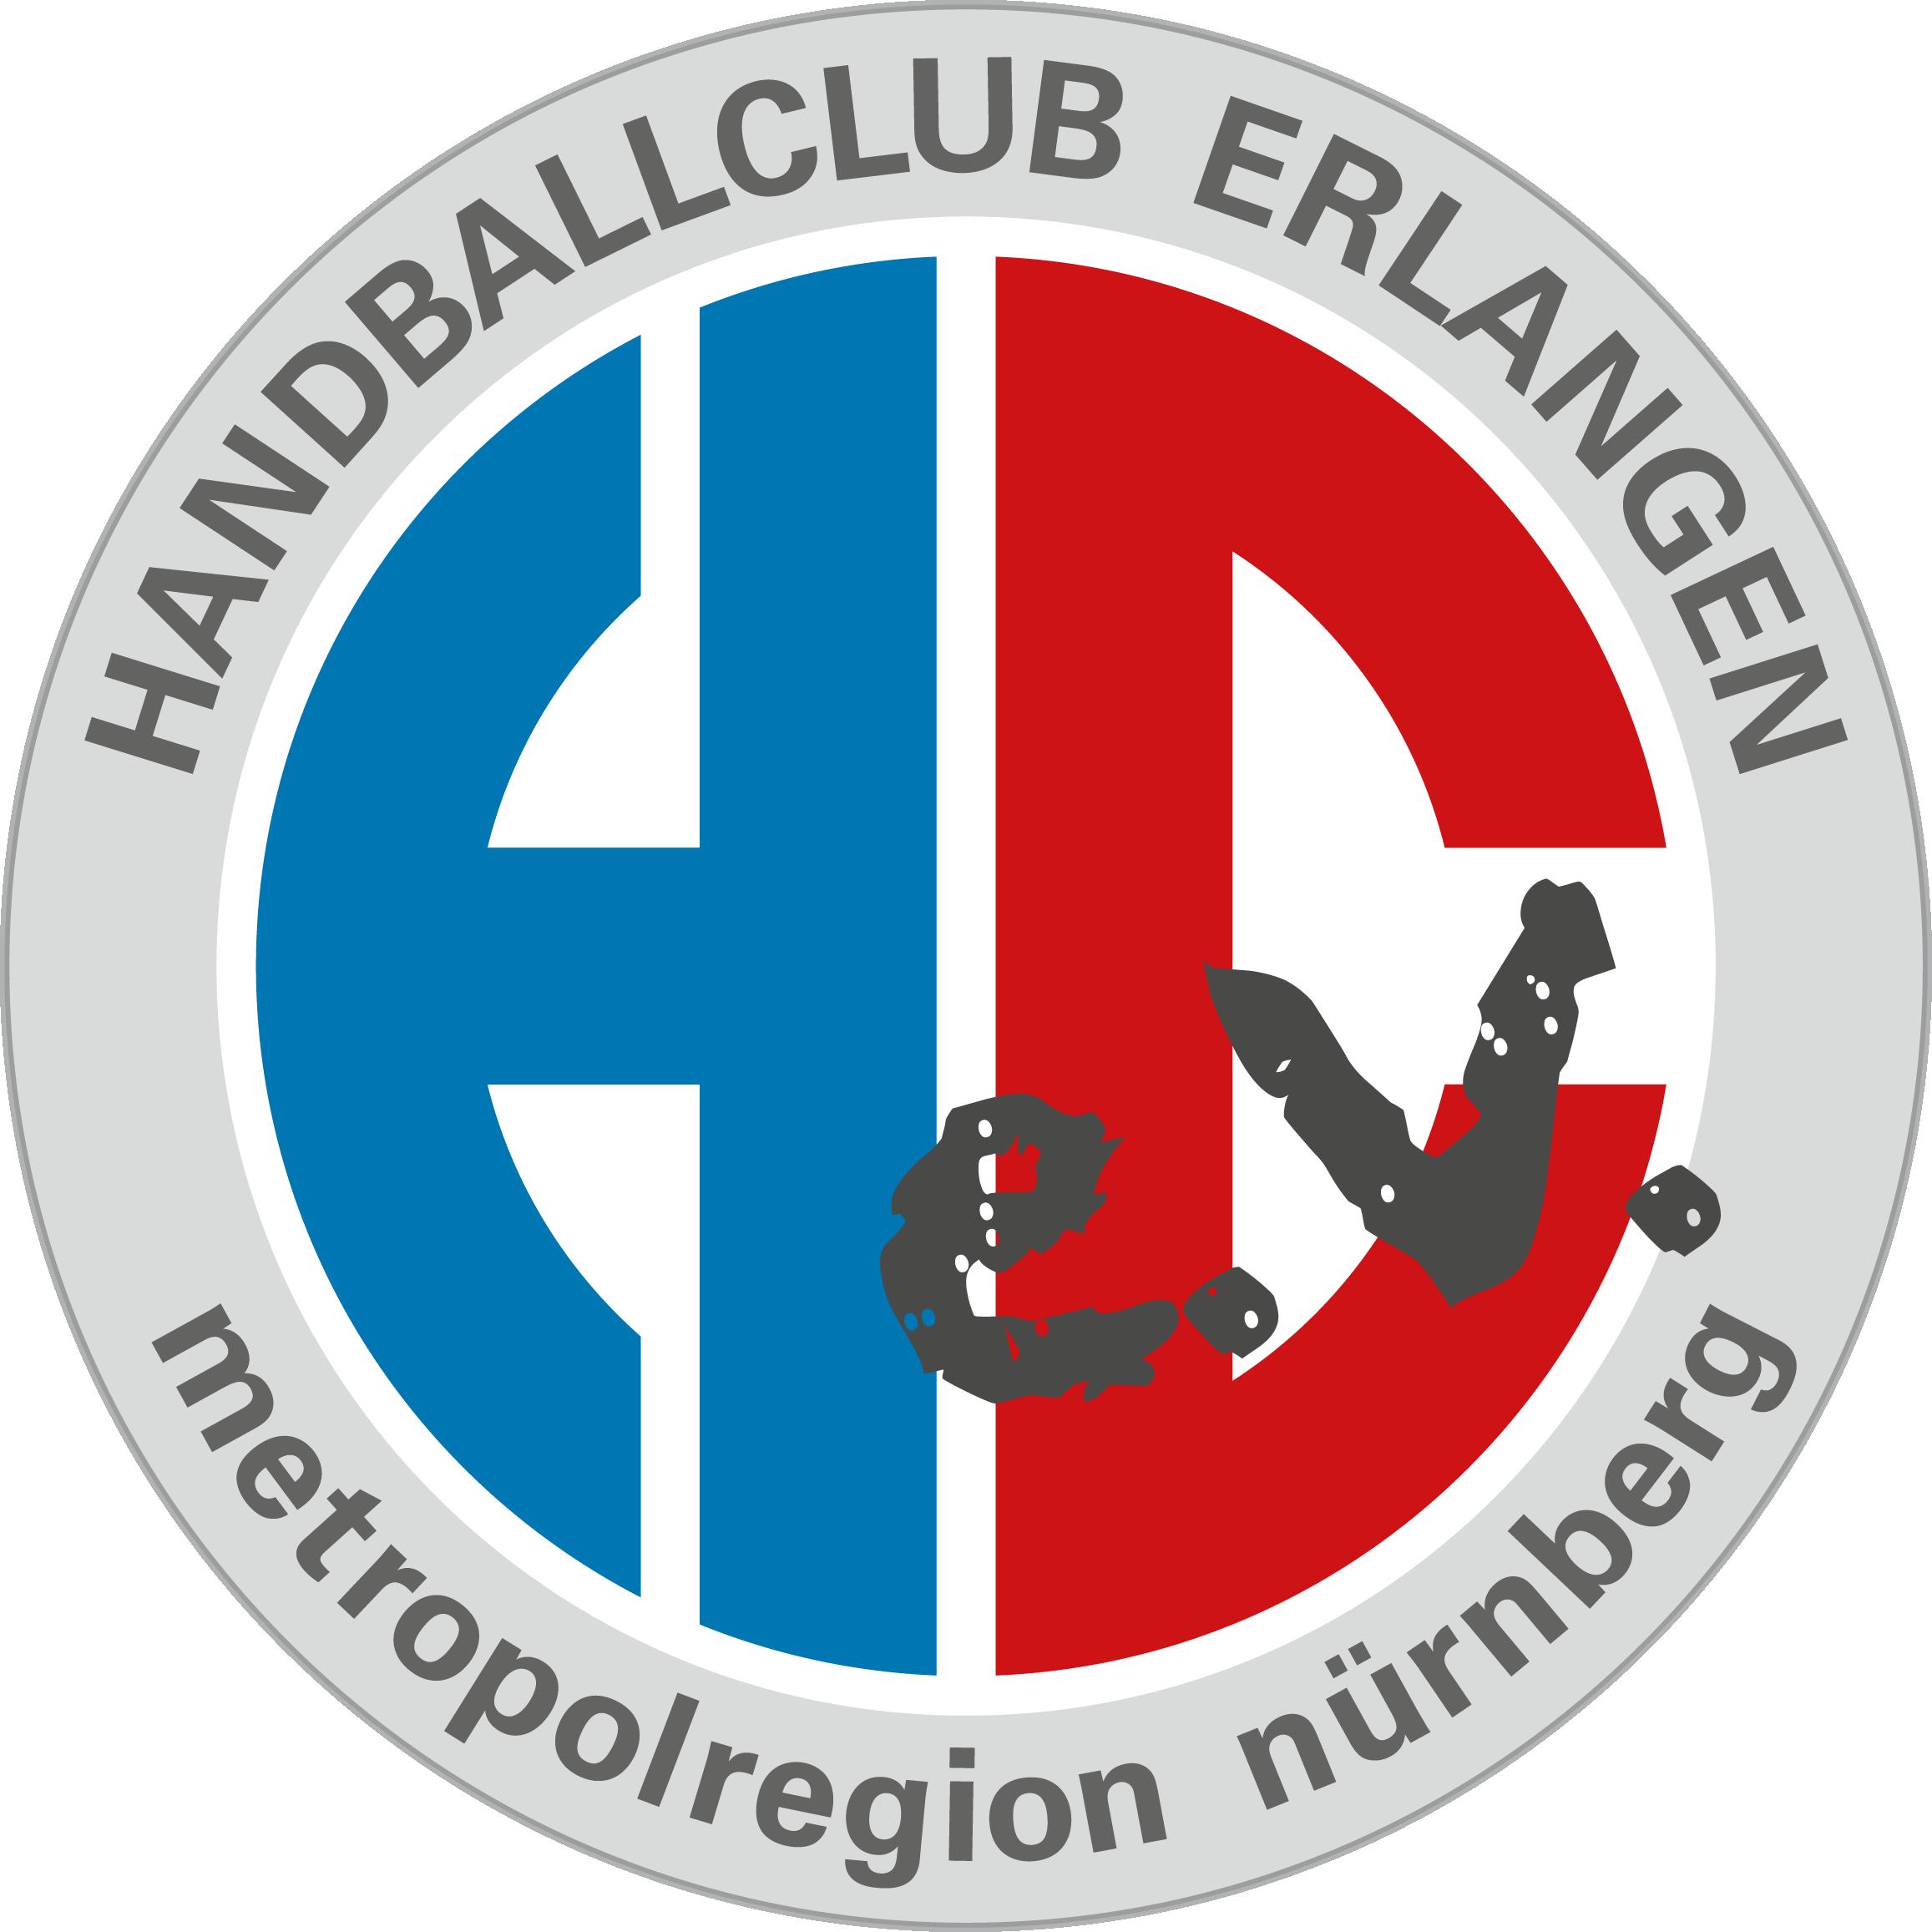 Handballclub Erlangen e.V. Logo